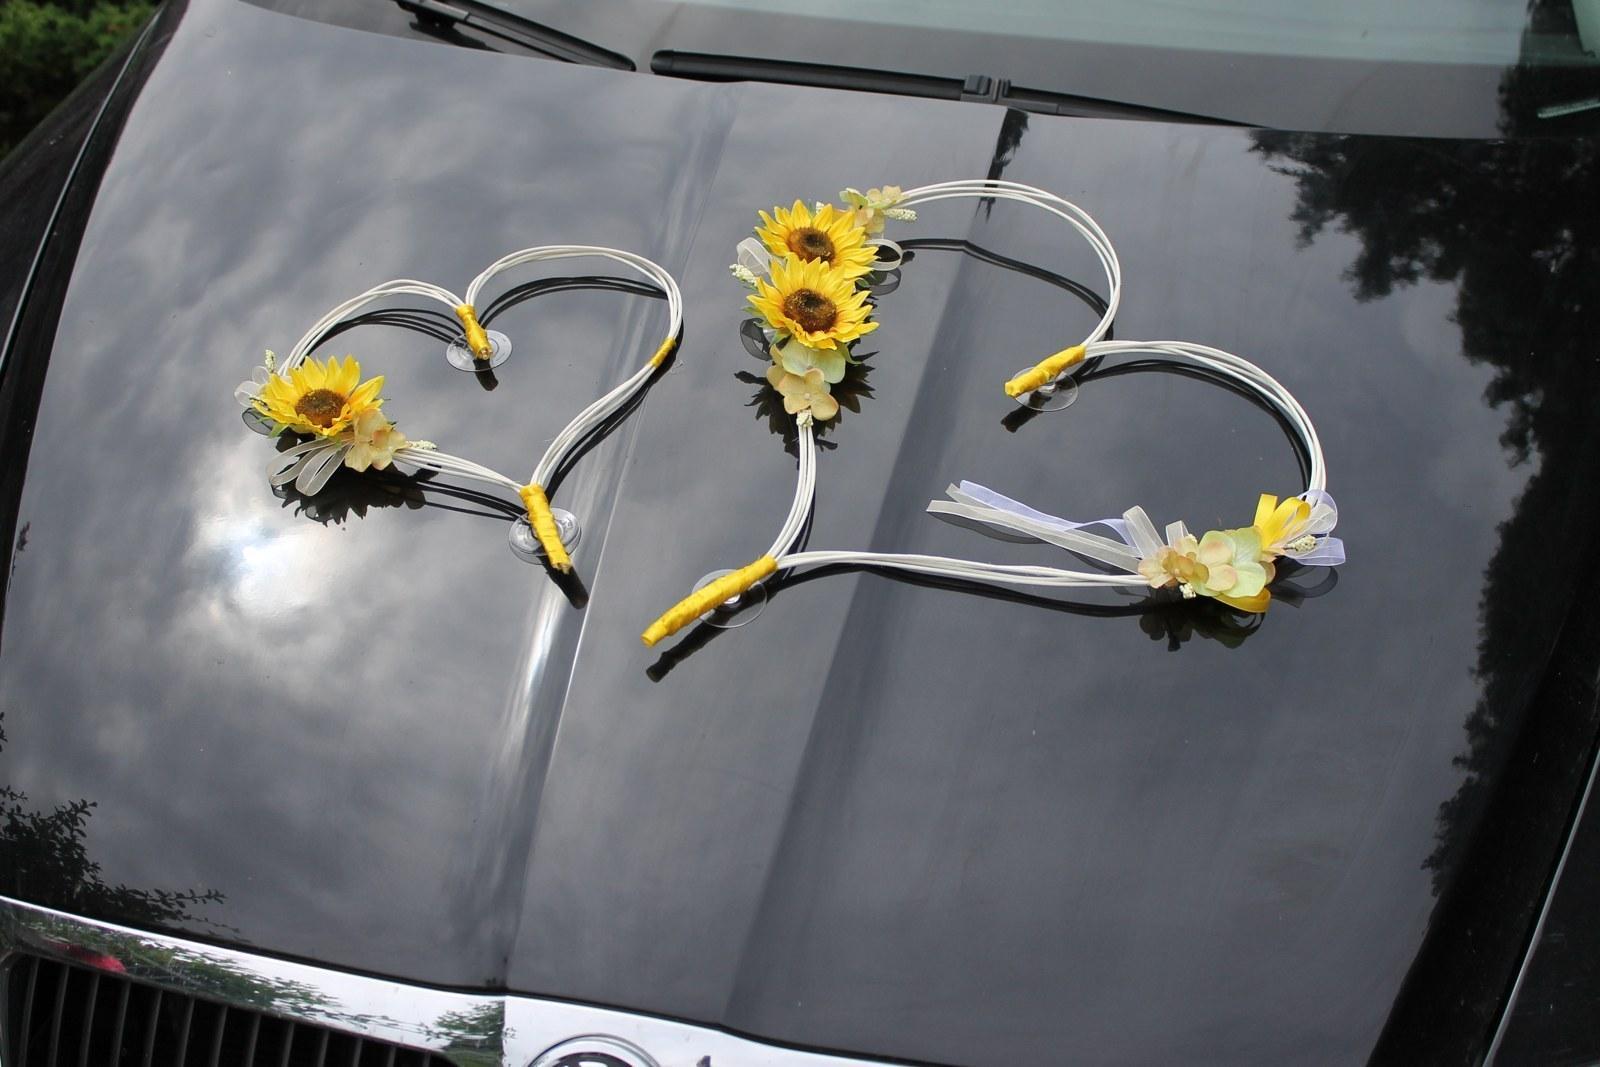 Srdce na kapotu auta se slunečnicemi  - Obrázek č. 1